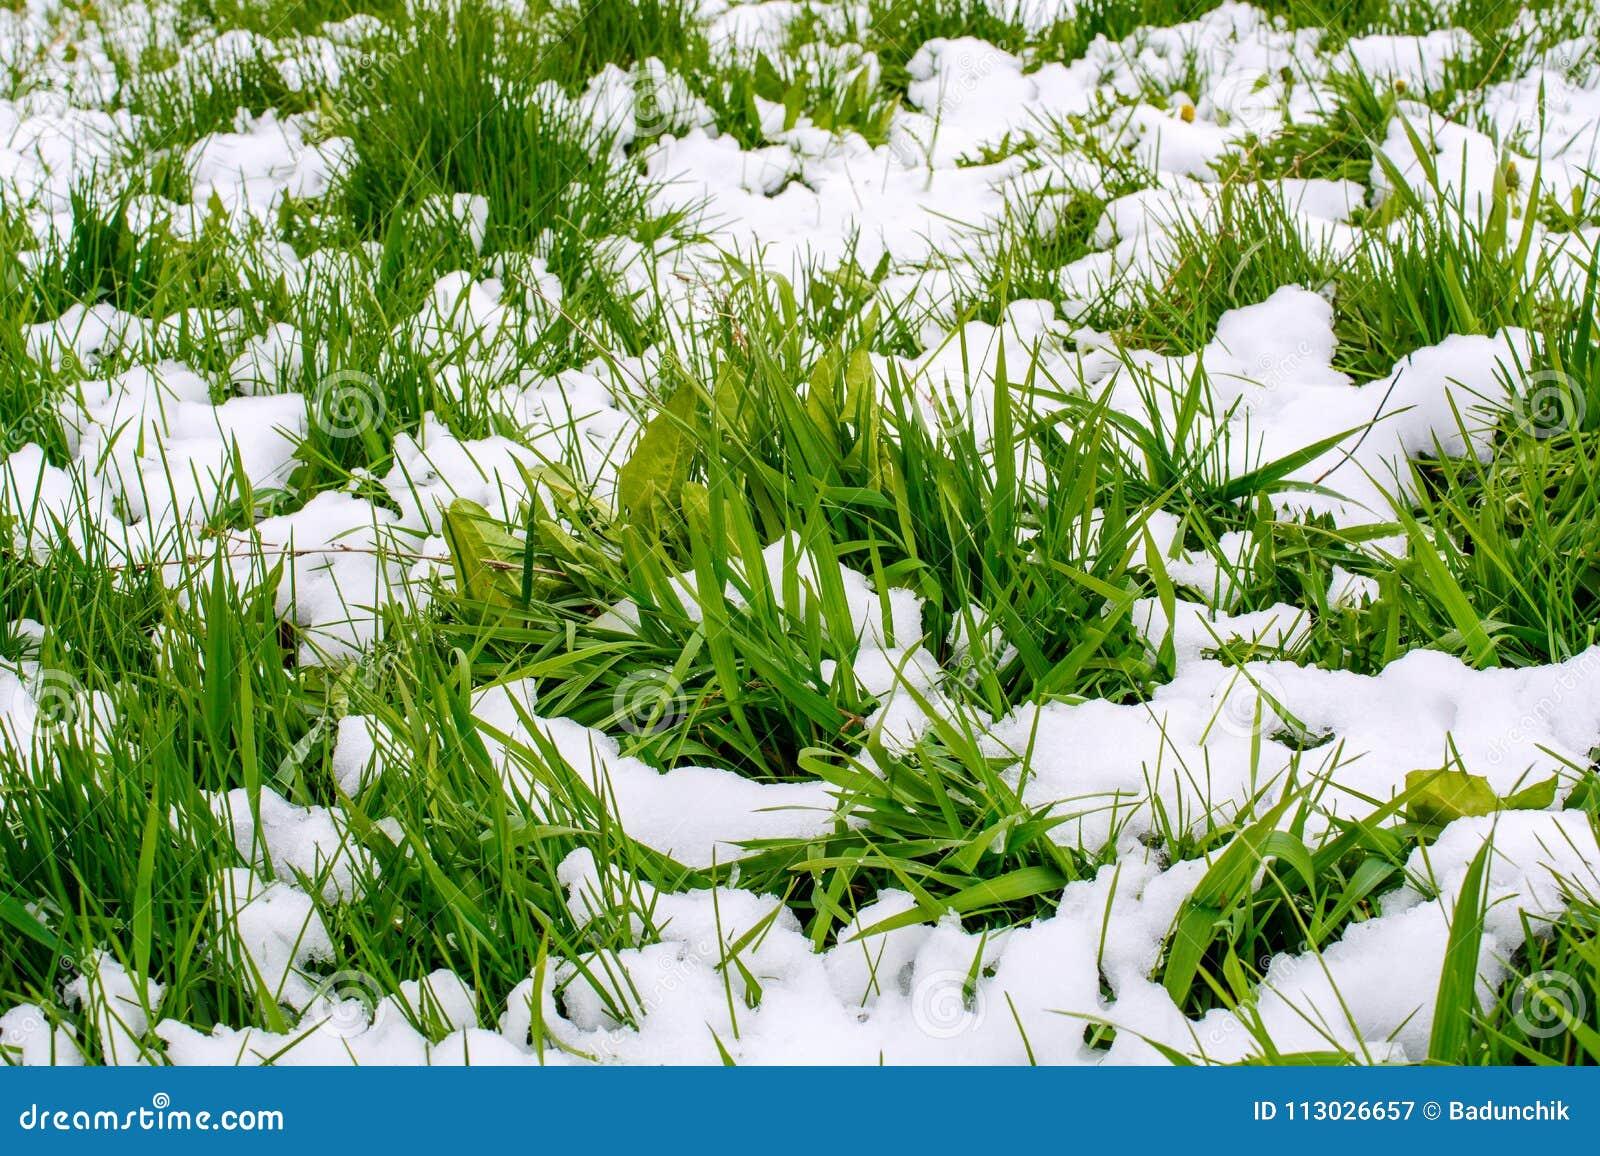 Foto de la hierba verde después de la nieve que cae en primavera